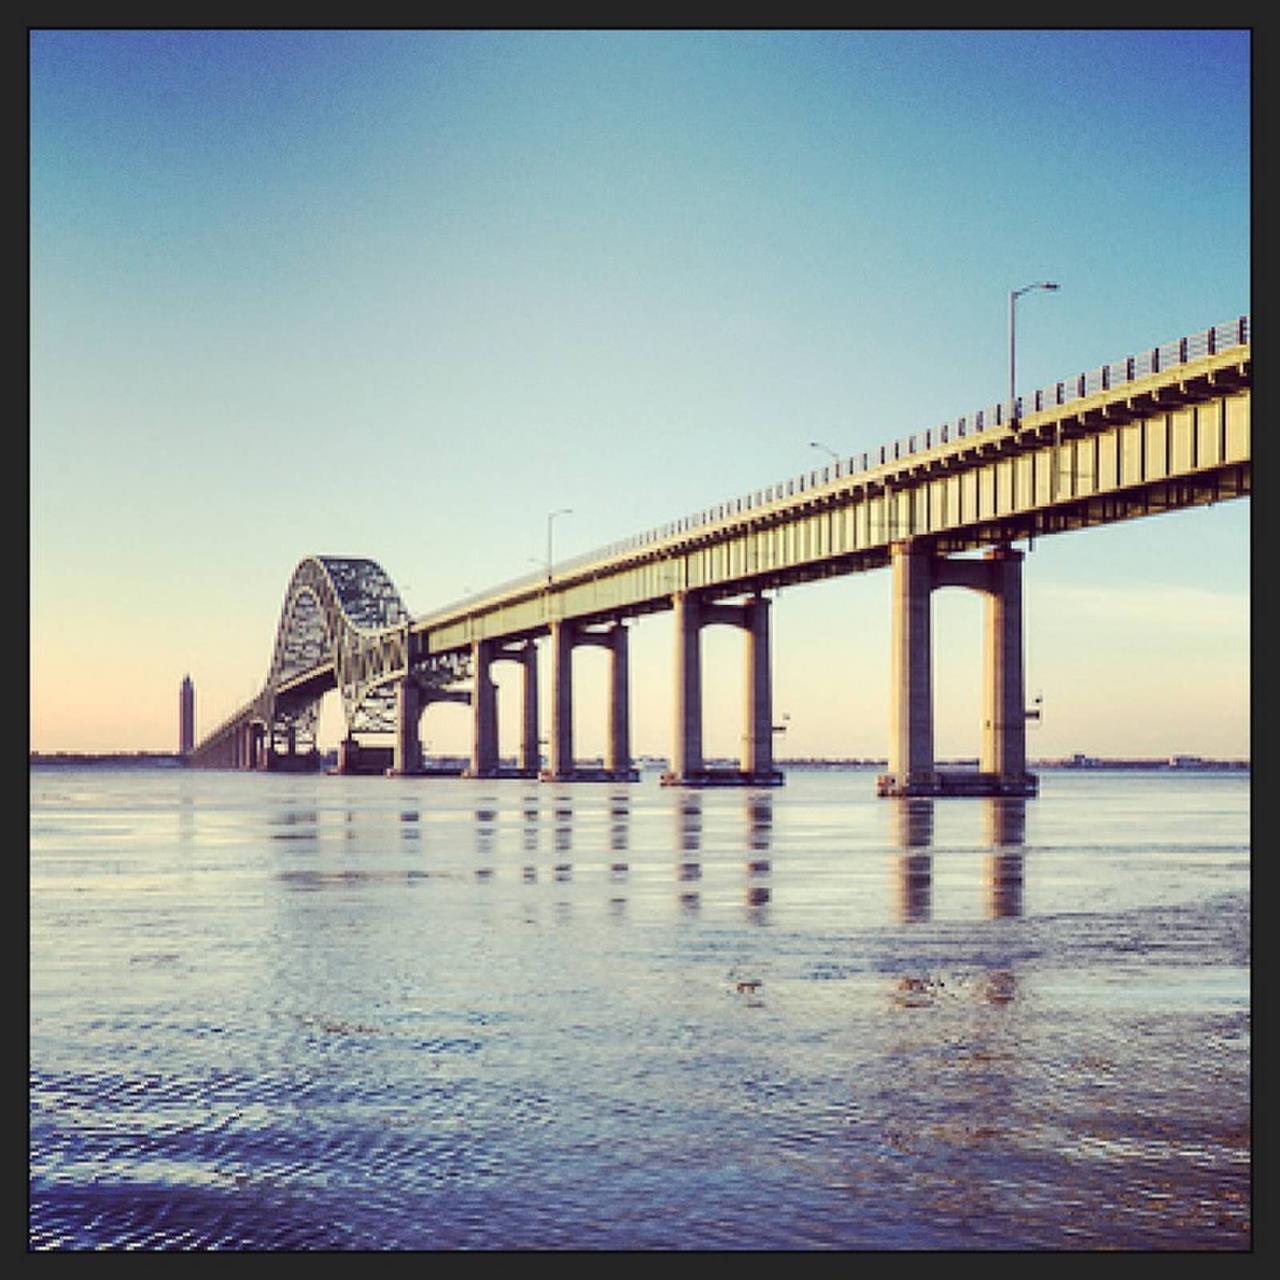 #Lovely #Sunsets #Sunrises #Bridge #SouthShore #LongIsland #NetterLovesTheView #KristinaNetter #LeadingReLocal